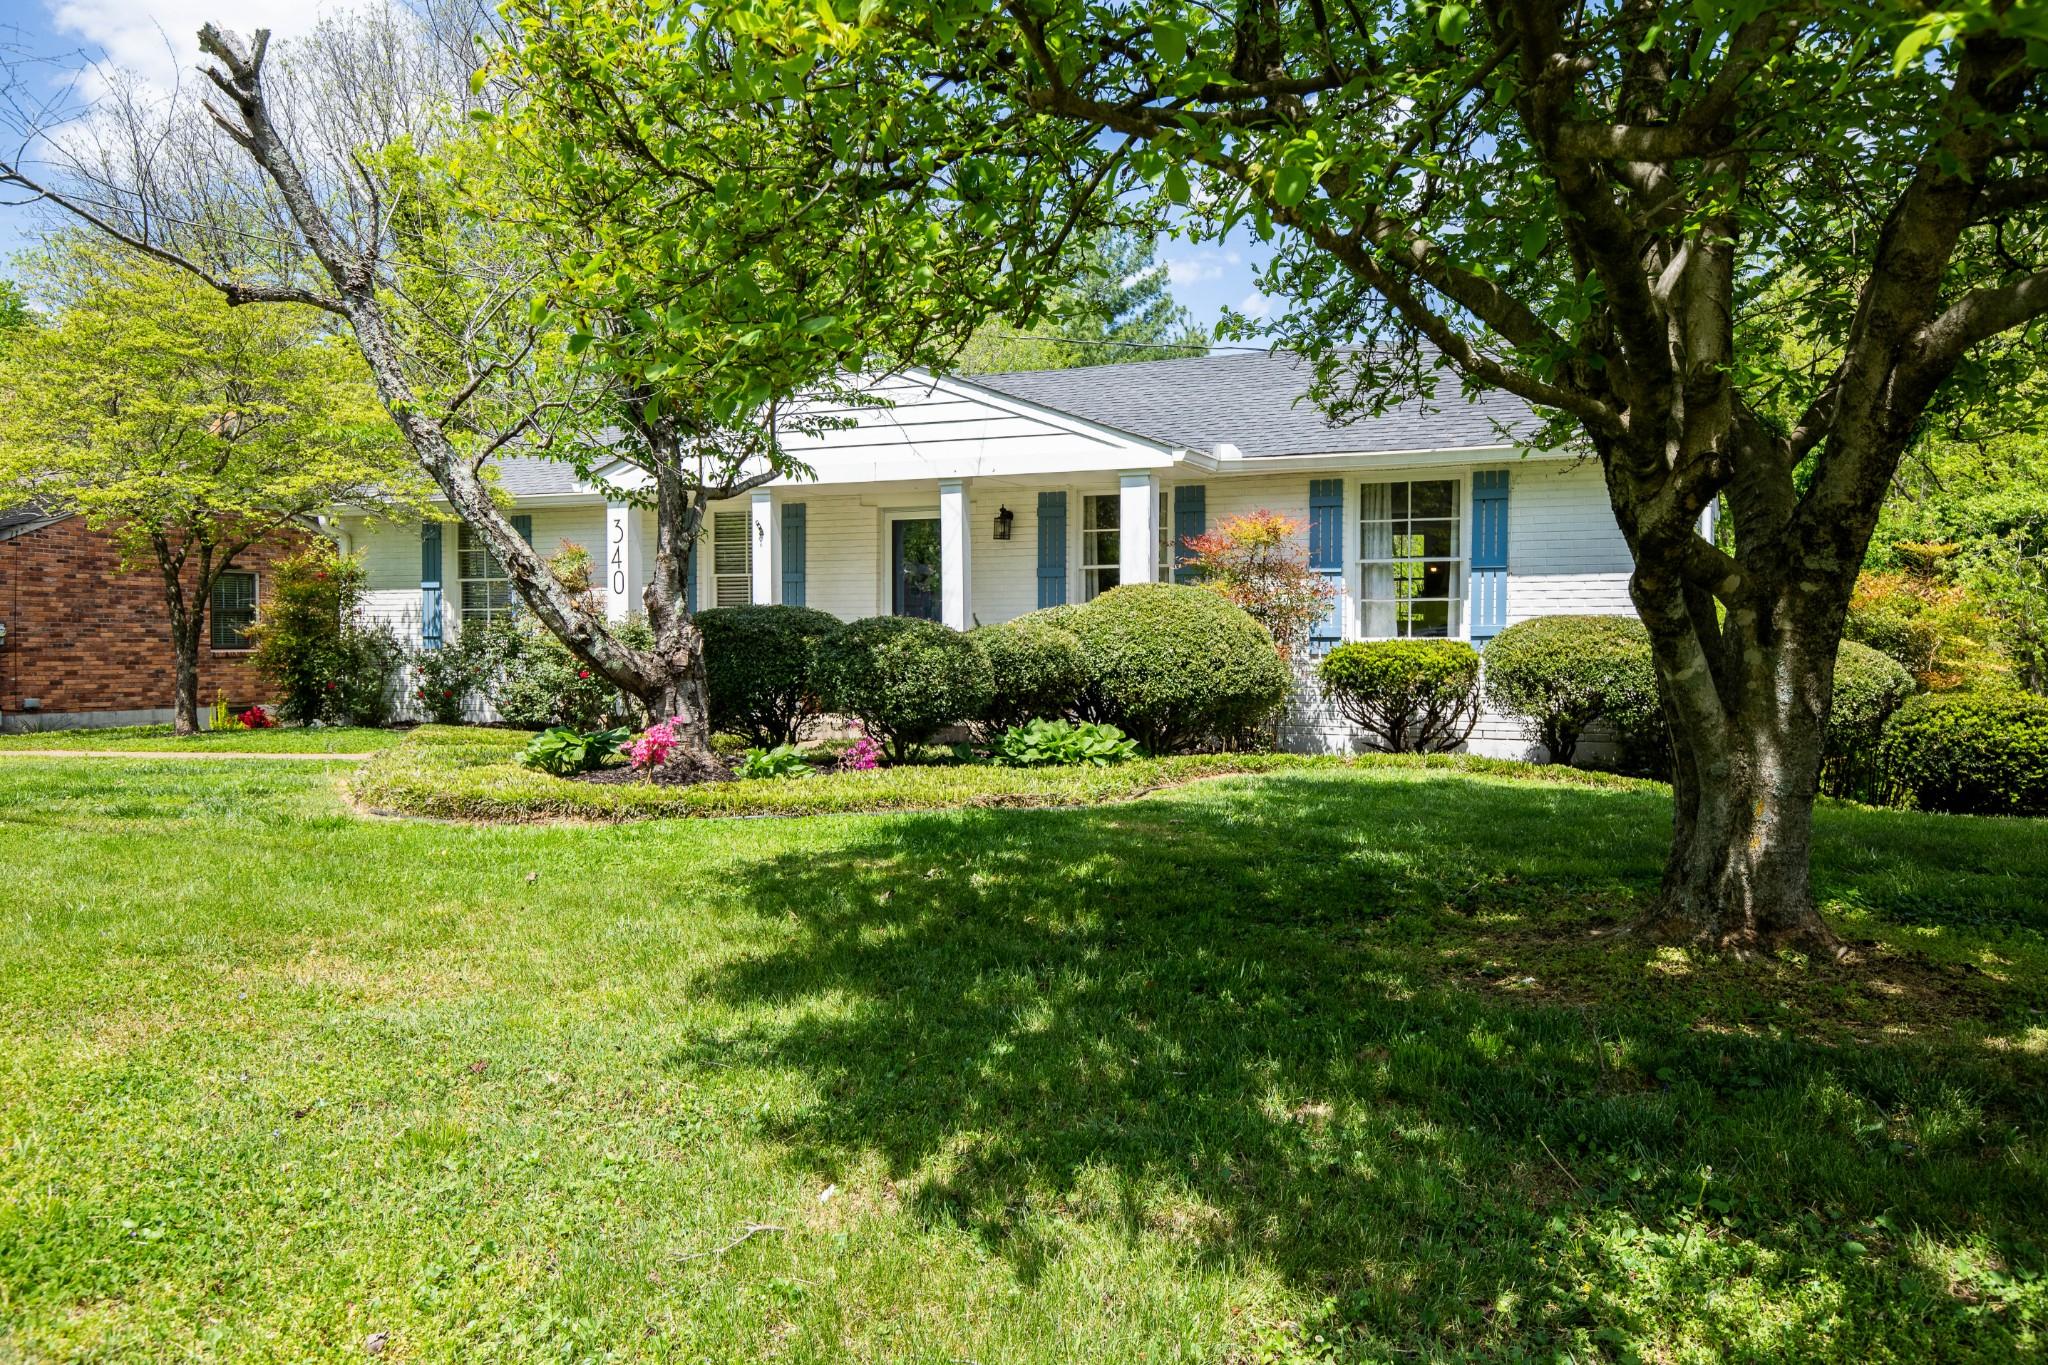 340 Binkley Dr Property Photo - Nashville, TN real estate listing